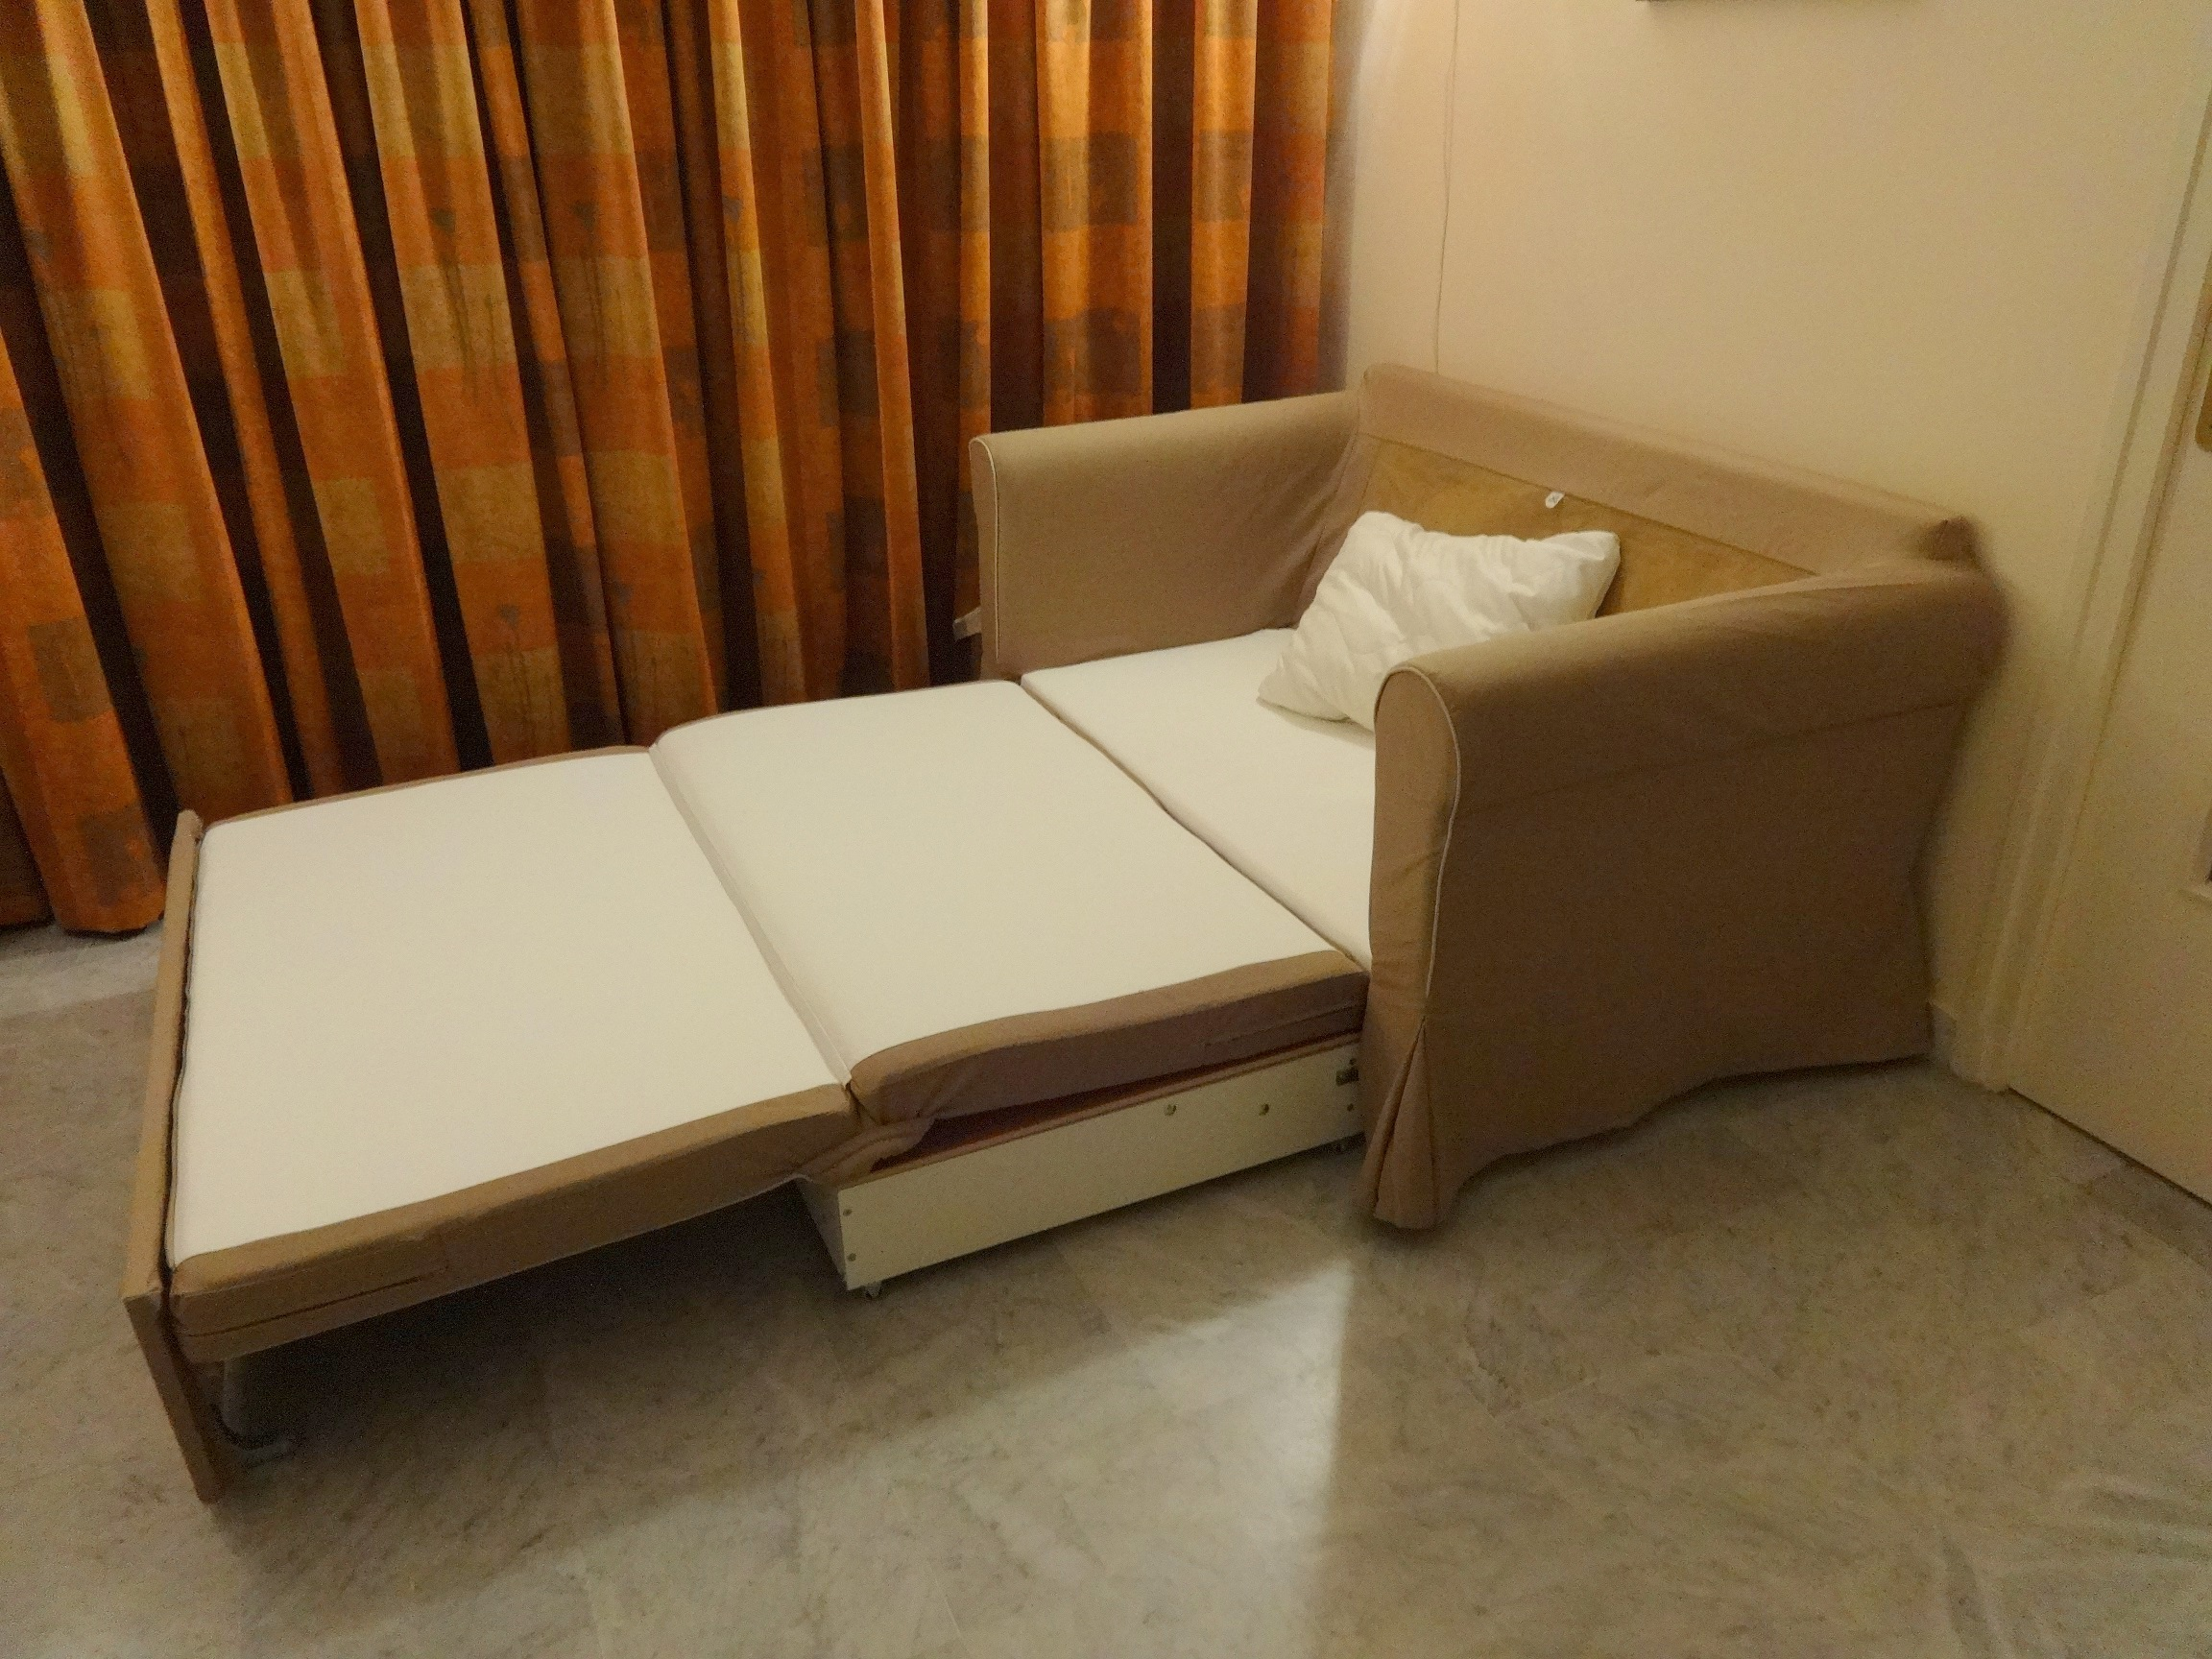 De bank in de woonkamer kan gemakkelijk dienen als extra slaapplaats